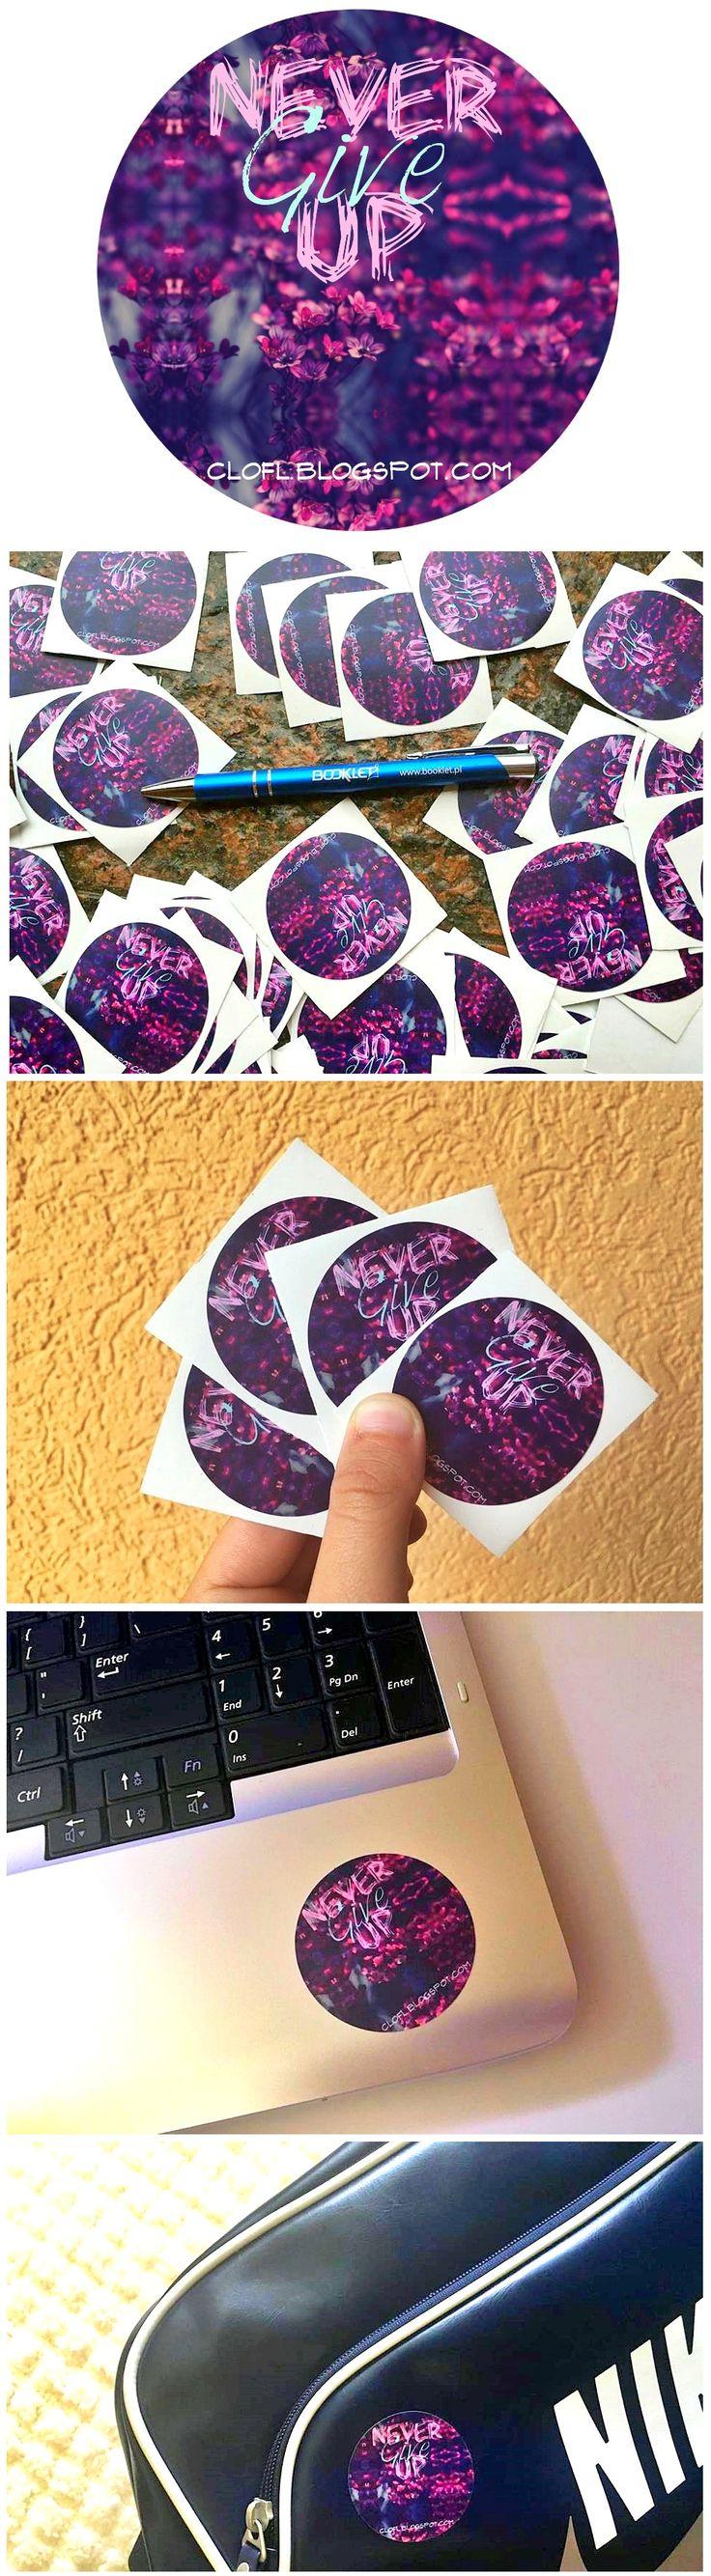 Naklejki / vlepki promocyjne dla blogerów, wykorzystywane w promocji bezpośredniej oraz podczas konkursów   Promotional #stickers for bloggers